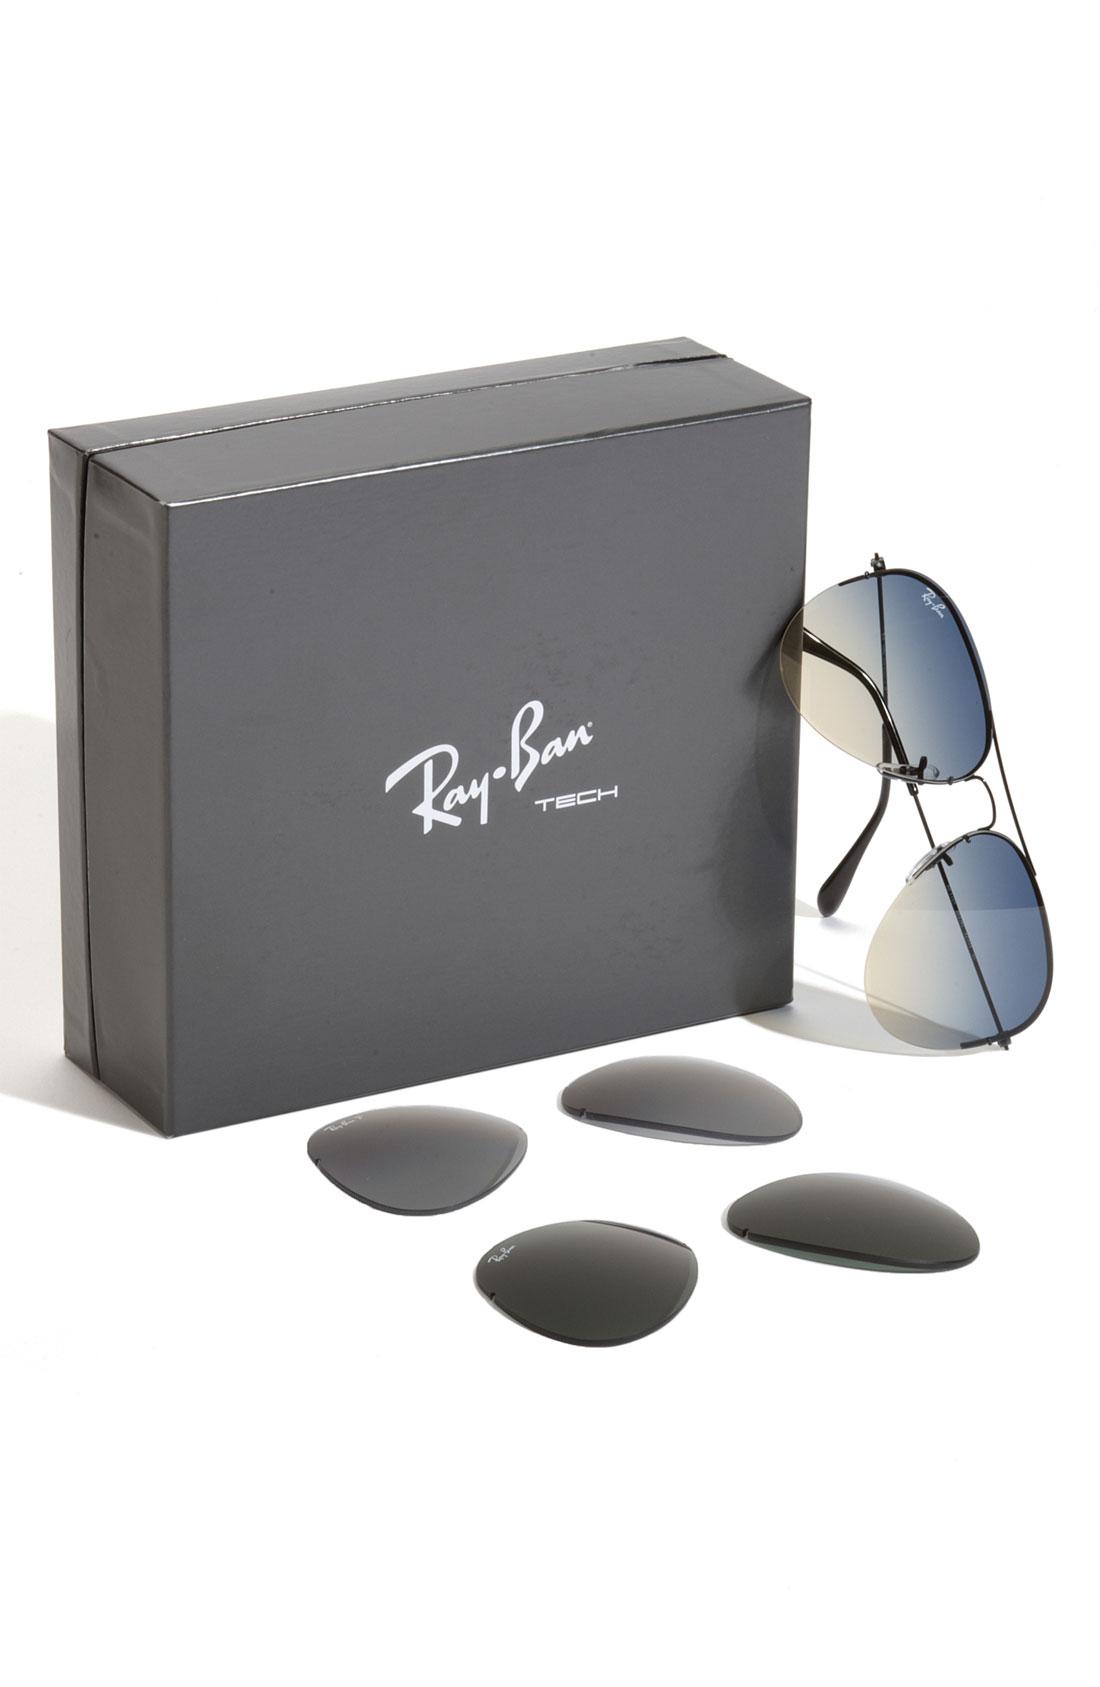 ray ban black box